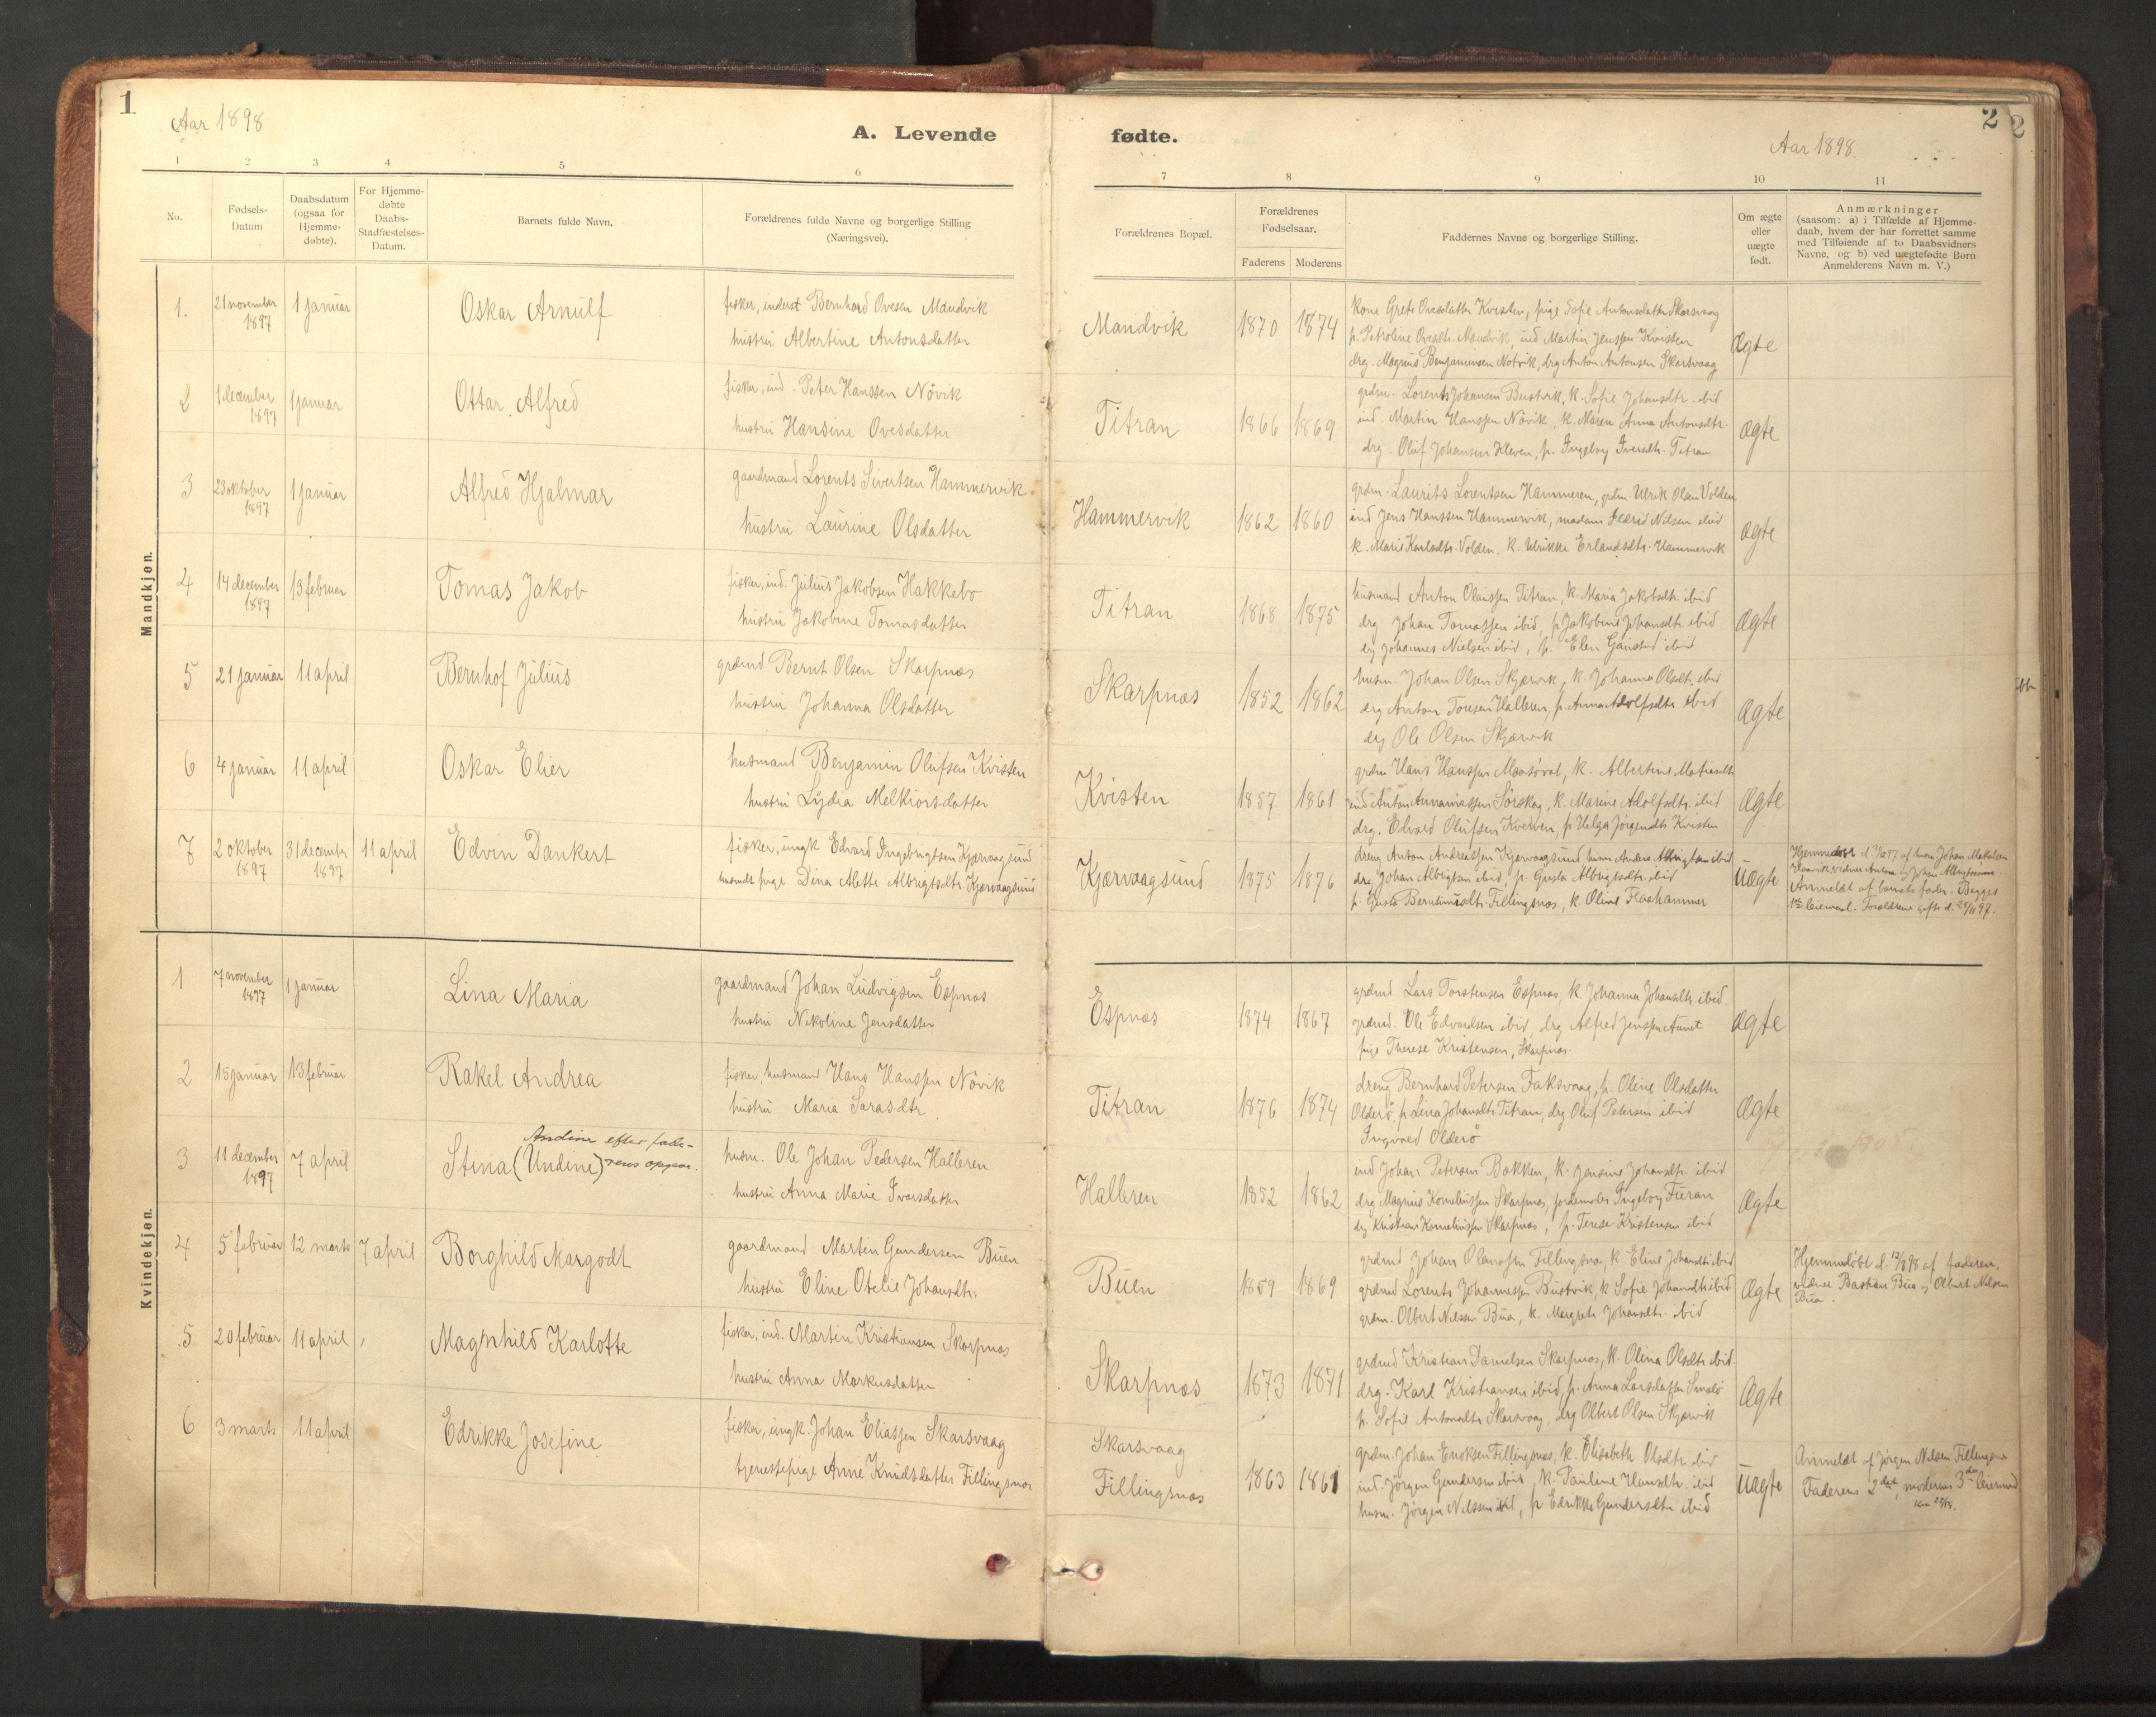 SAT, Ministerialprotokoller, klokkerbøker og fødselsregistre - Sør-Trøndelag, 641/L0596: Ministerialbok nr. 641A02, 1898-1915, s. 1-2